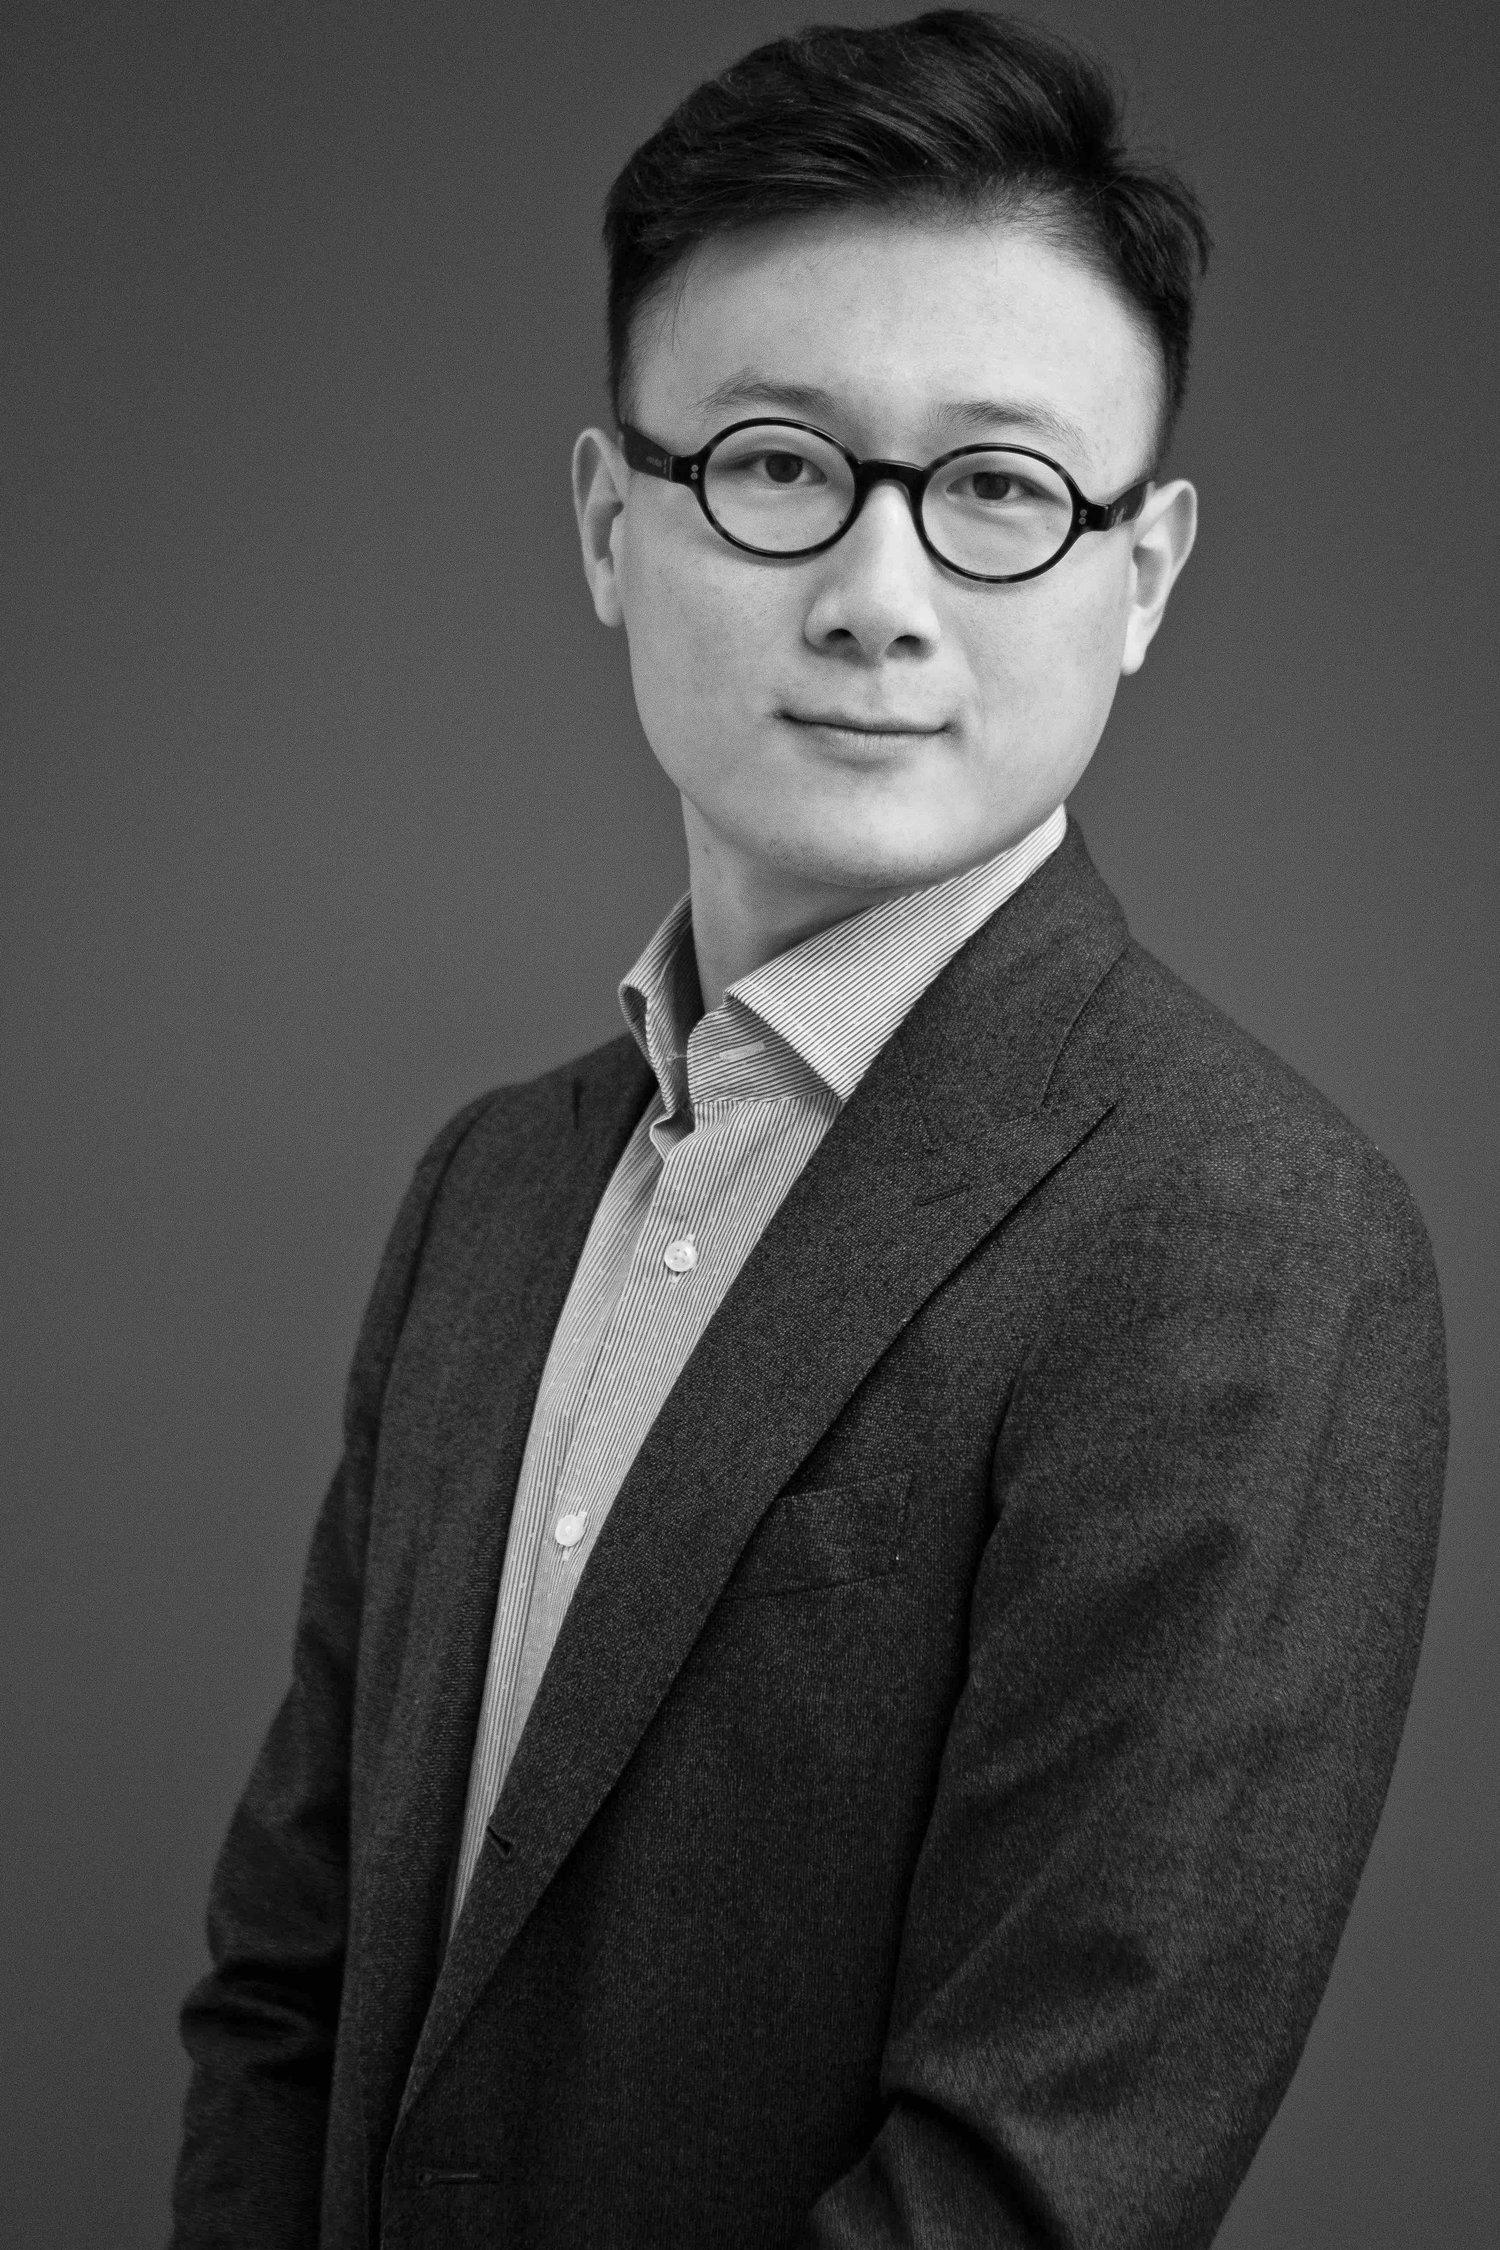 Zhang Haijiayi